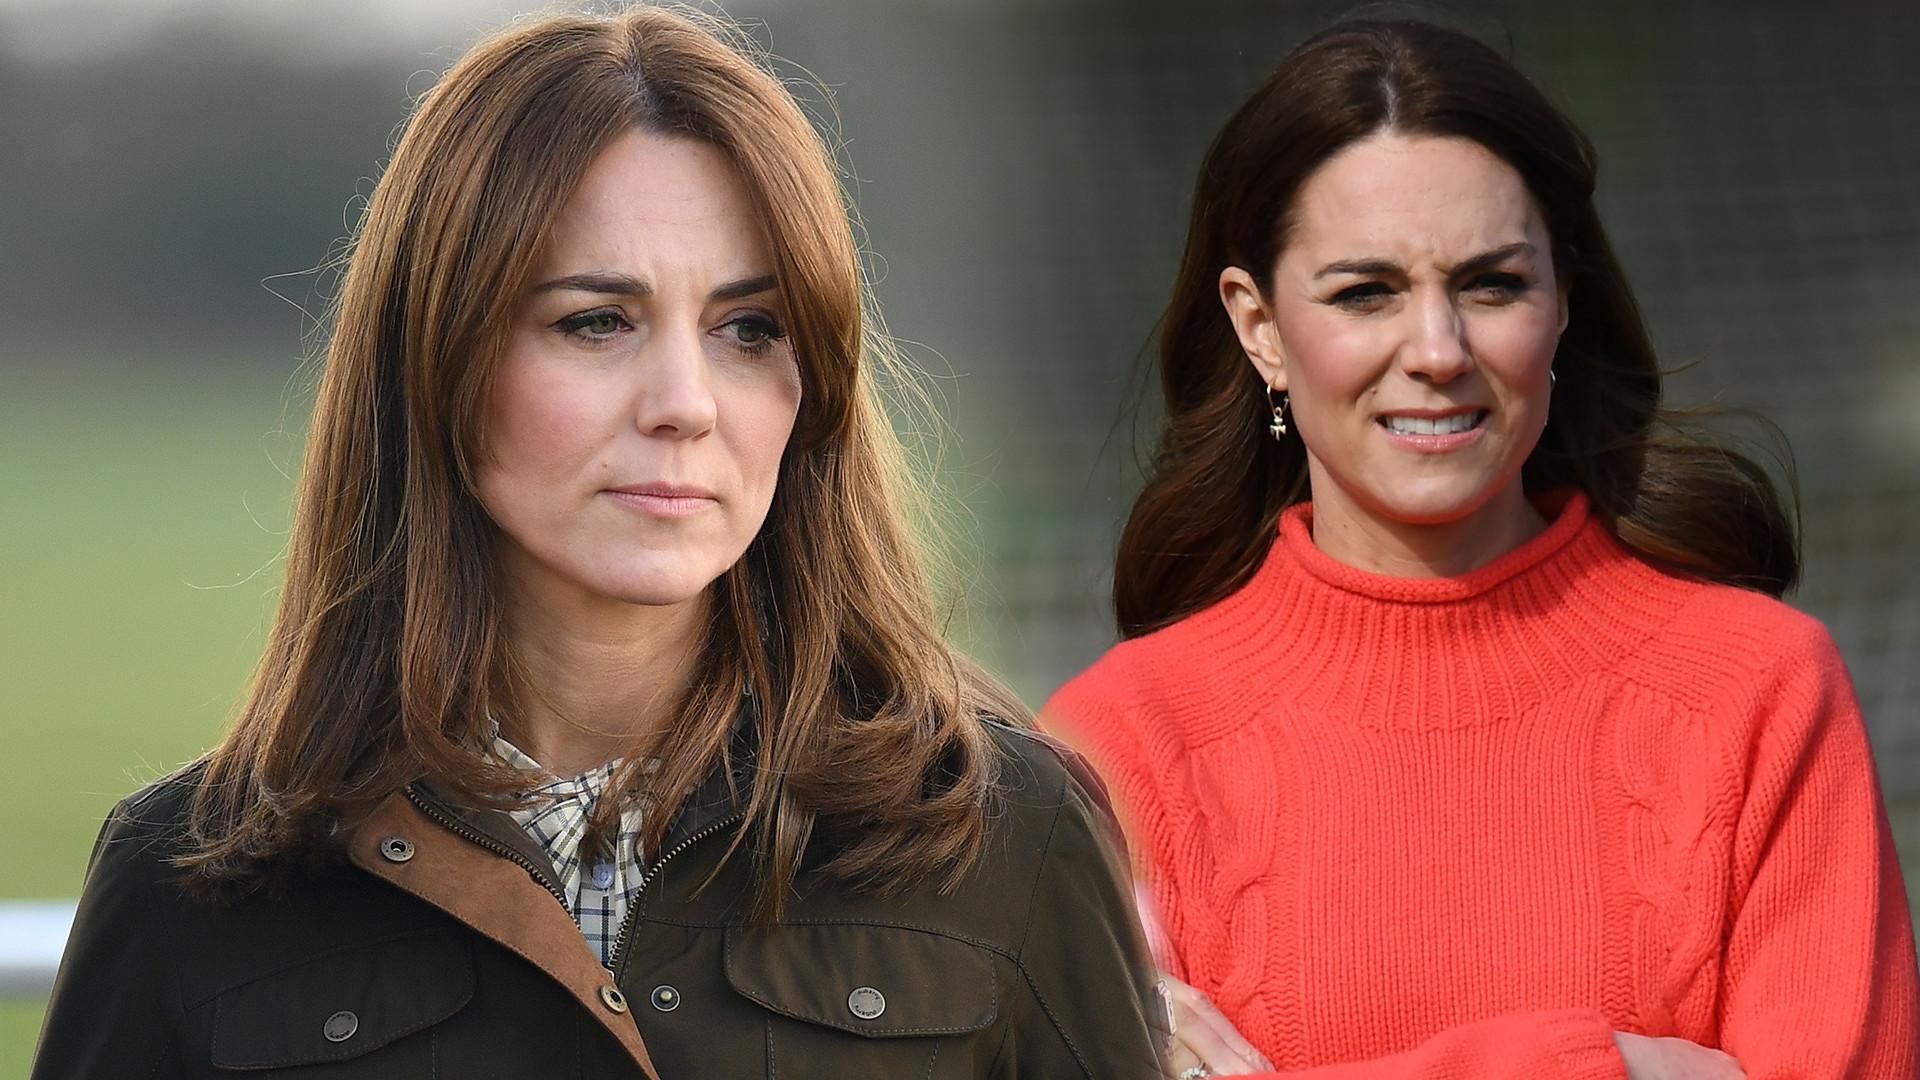 Księżna Kate jest WYCZERPANA. Czuje się jak więzień we własnym domu